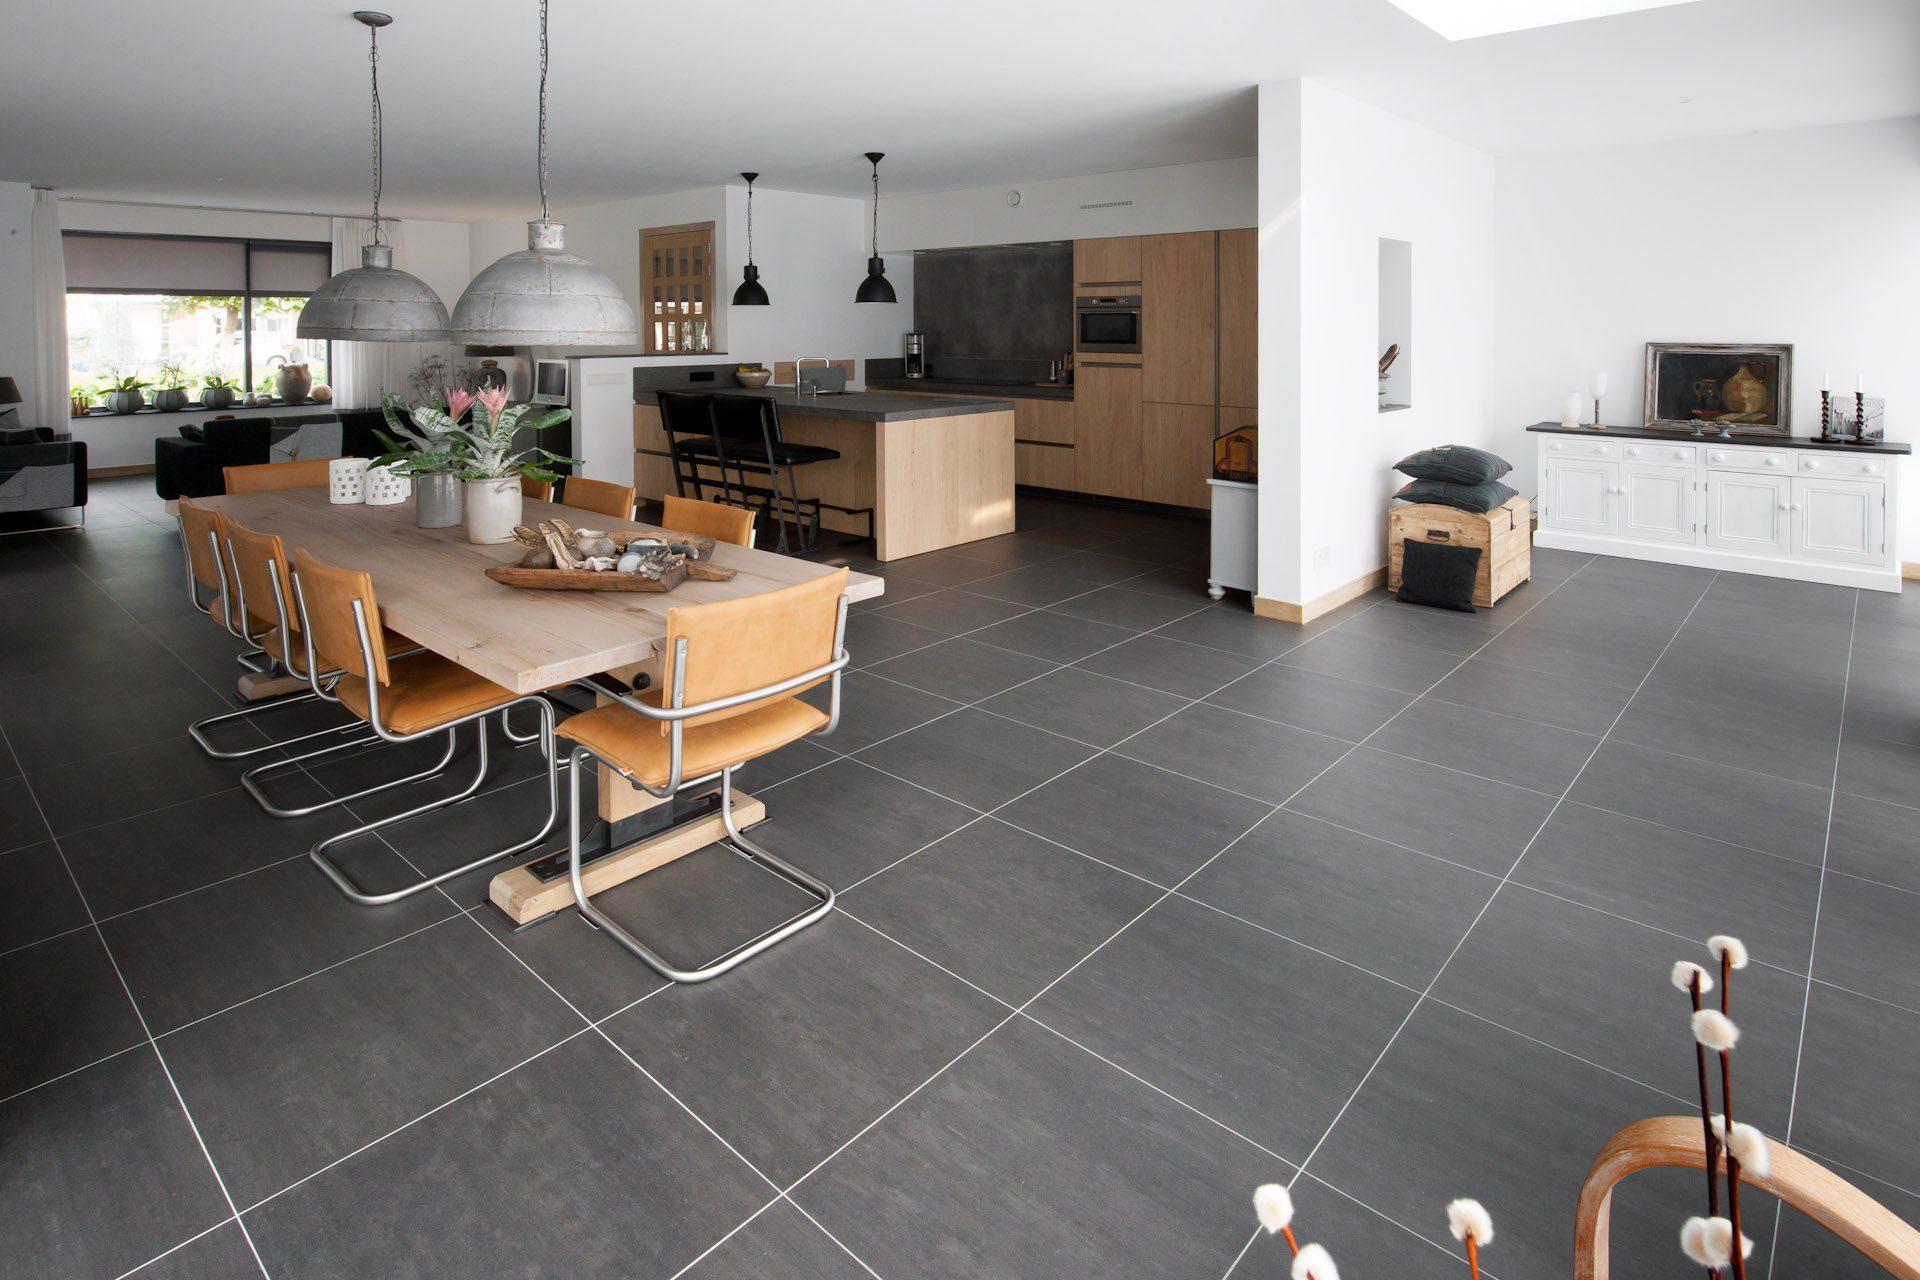 Vloertegels Keuken Antraciet : Grijze vloertegels in Hardinxveld-Giessendam – KROON Vloeren in Steen